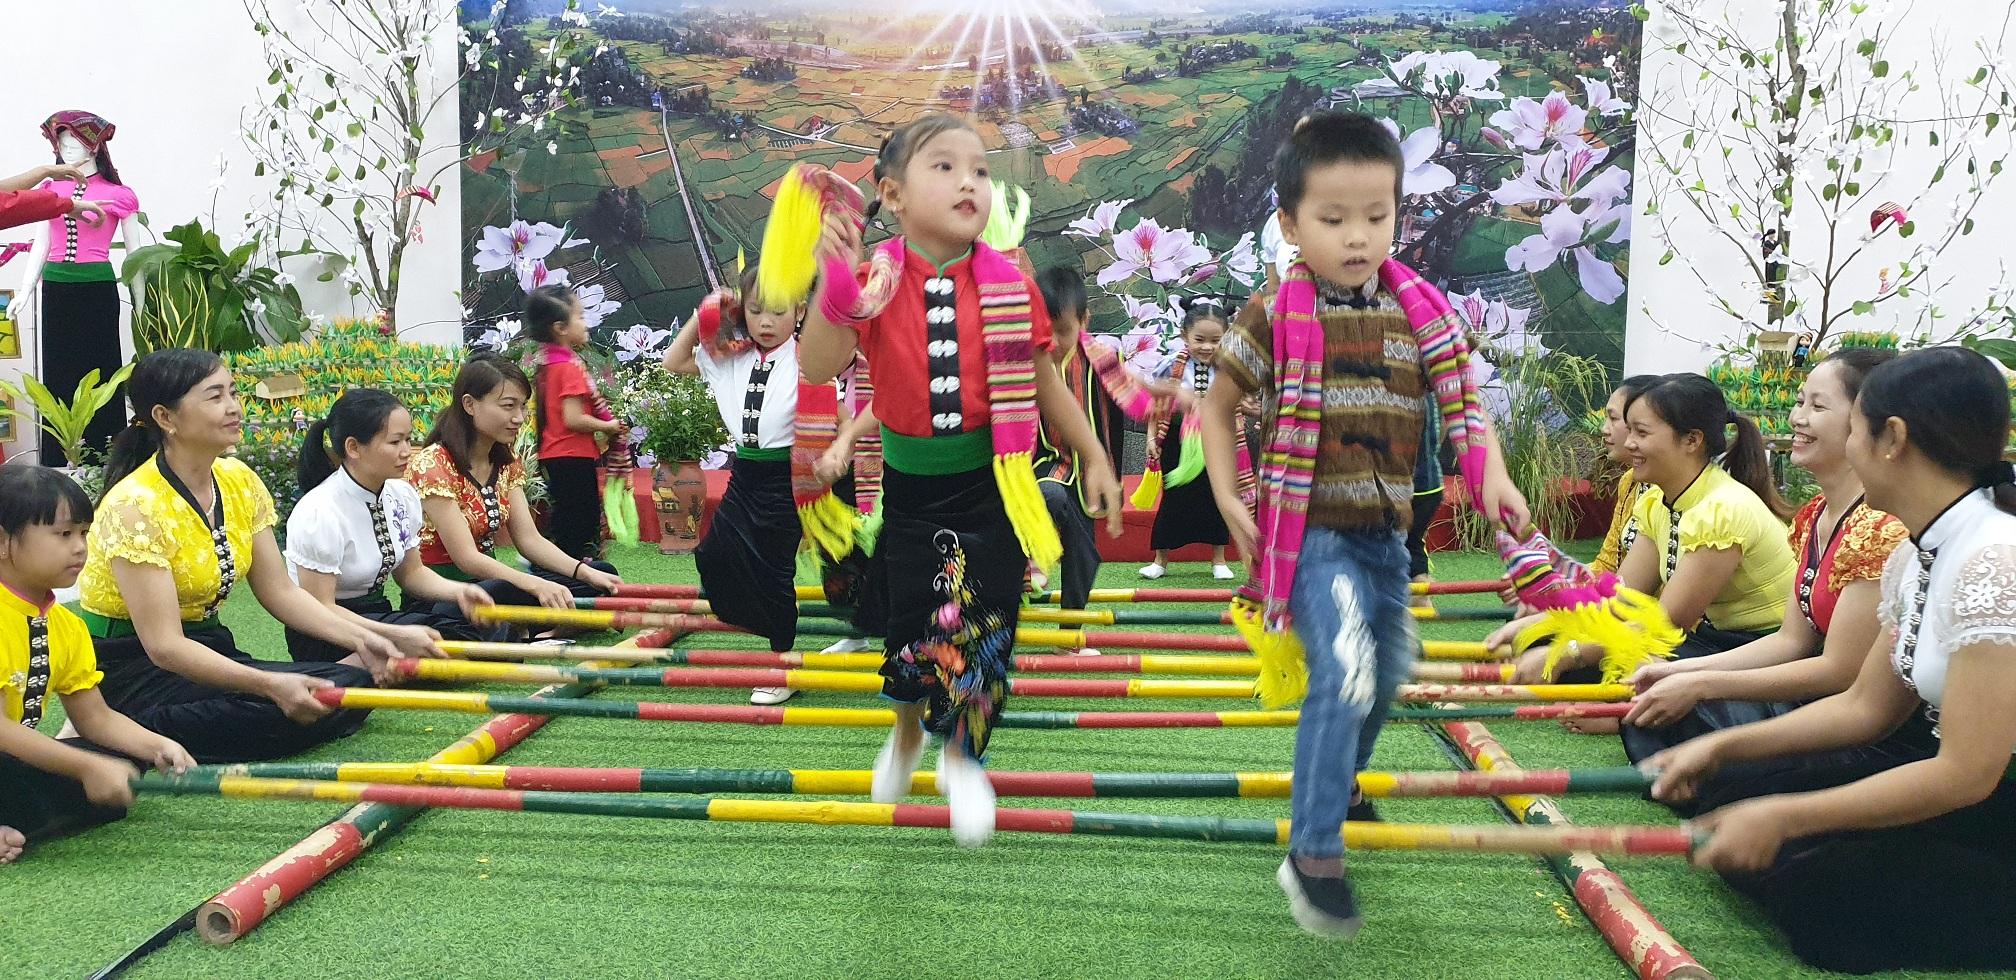 Các em thiếu niên, nhi đồng được dạy các điệu múa, điệu xòe… ở cả trong nhà trường và gia đình